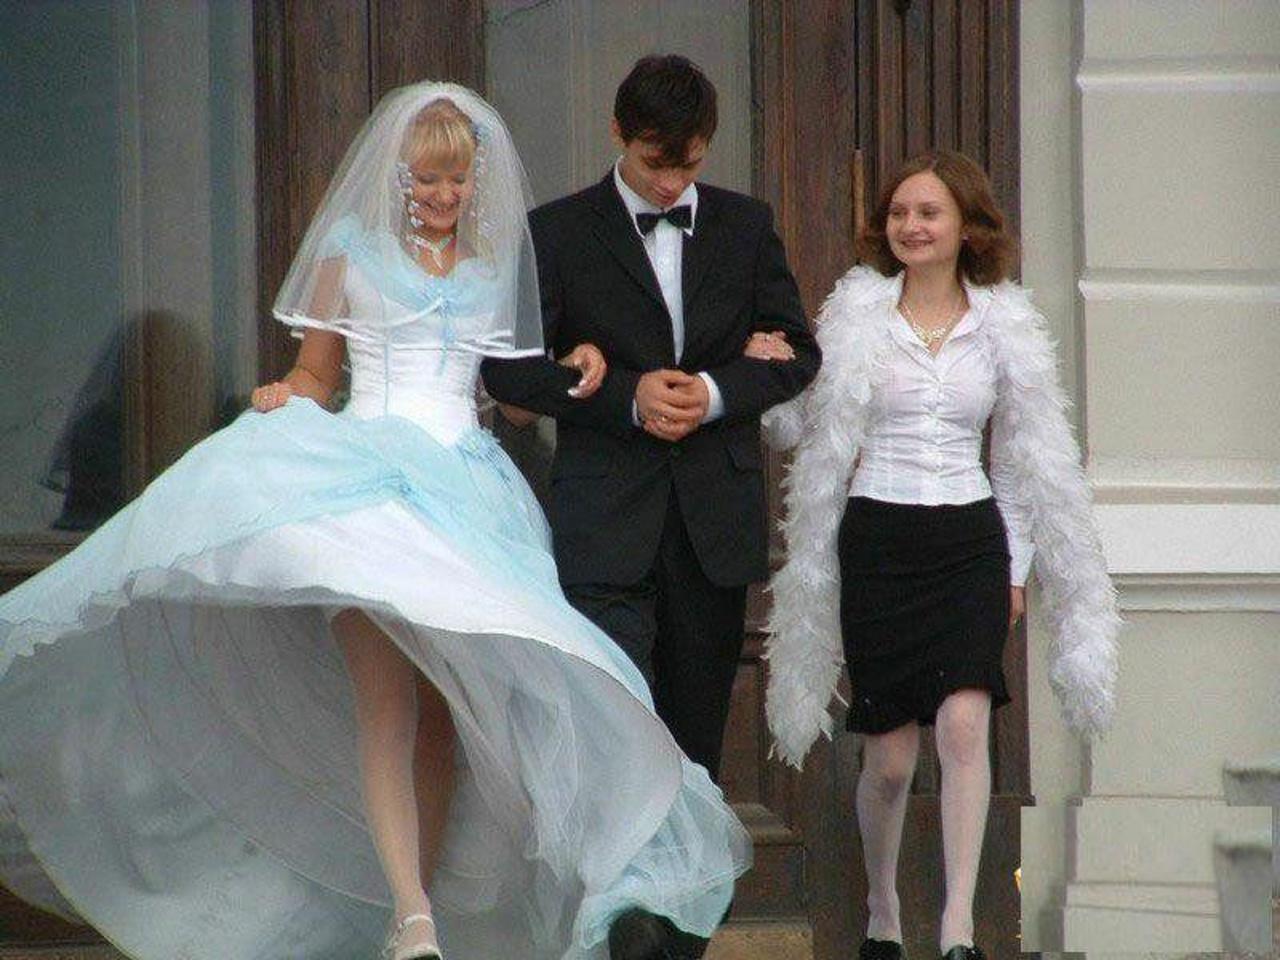 Телки на свадьбе фото, Свадебные засветы (44 фото) 7 фотография